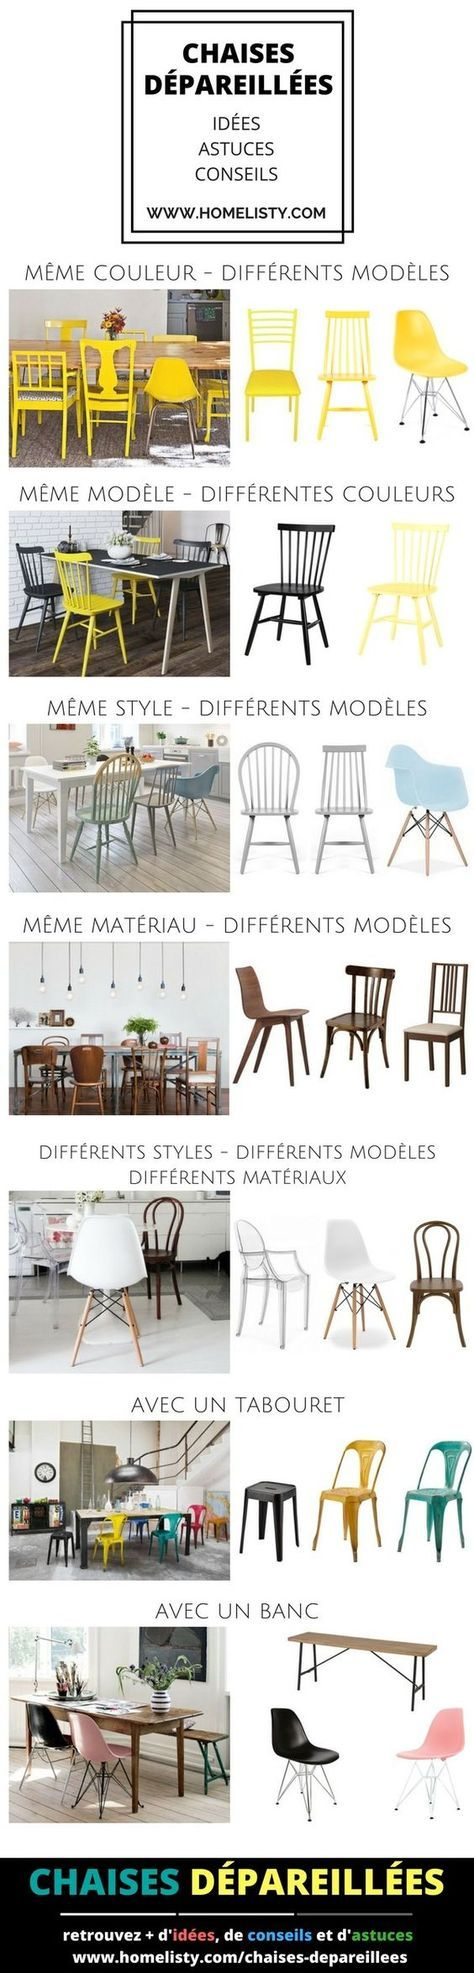 Chaises Dépareillées : 59 Idées Pour Les Assortir (+ Astuces en PHOTOS)  http://www.homelisty.com/chaises-depareillees/